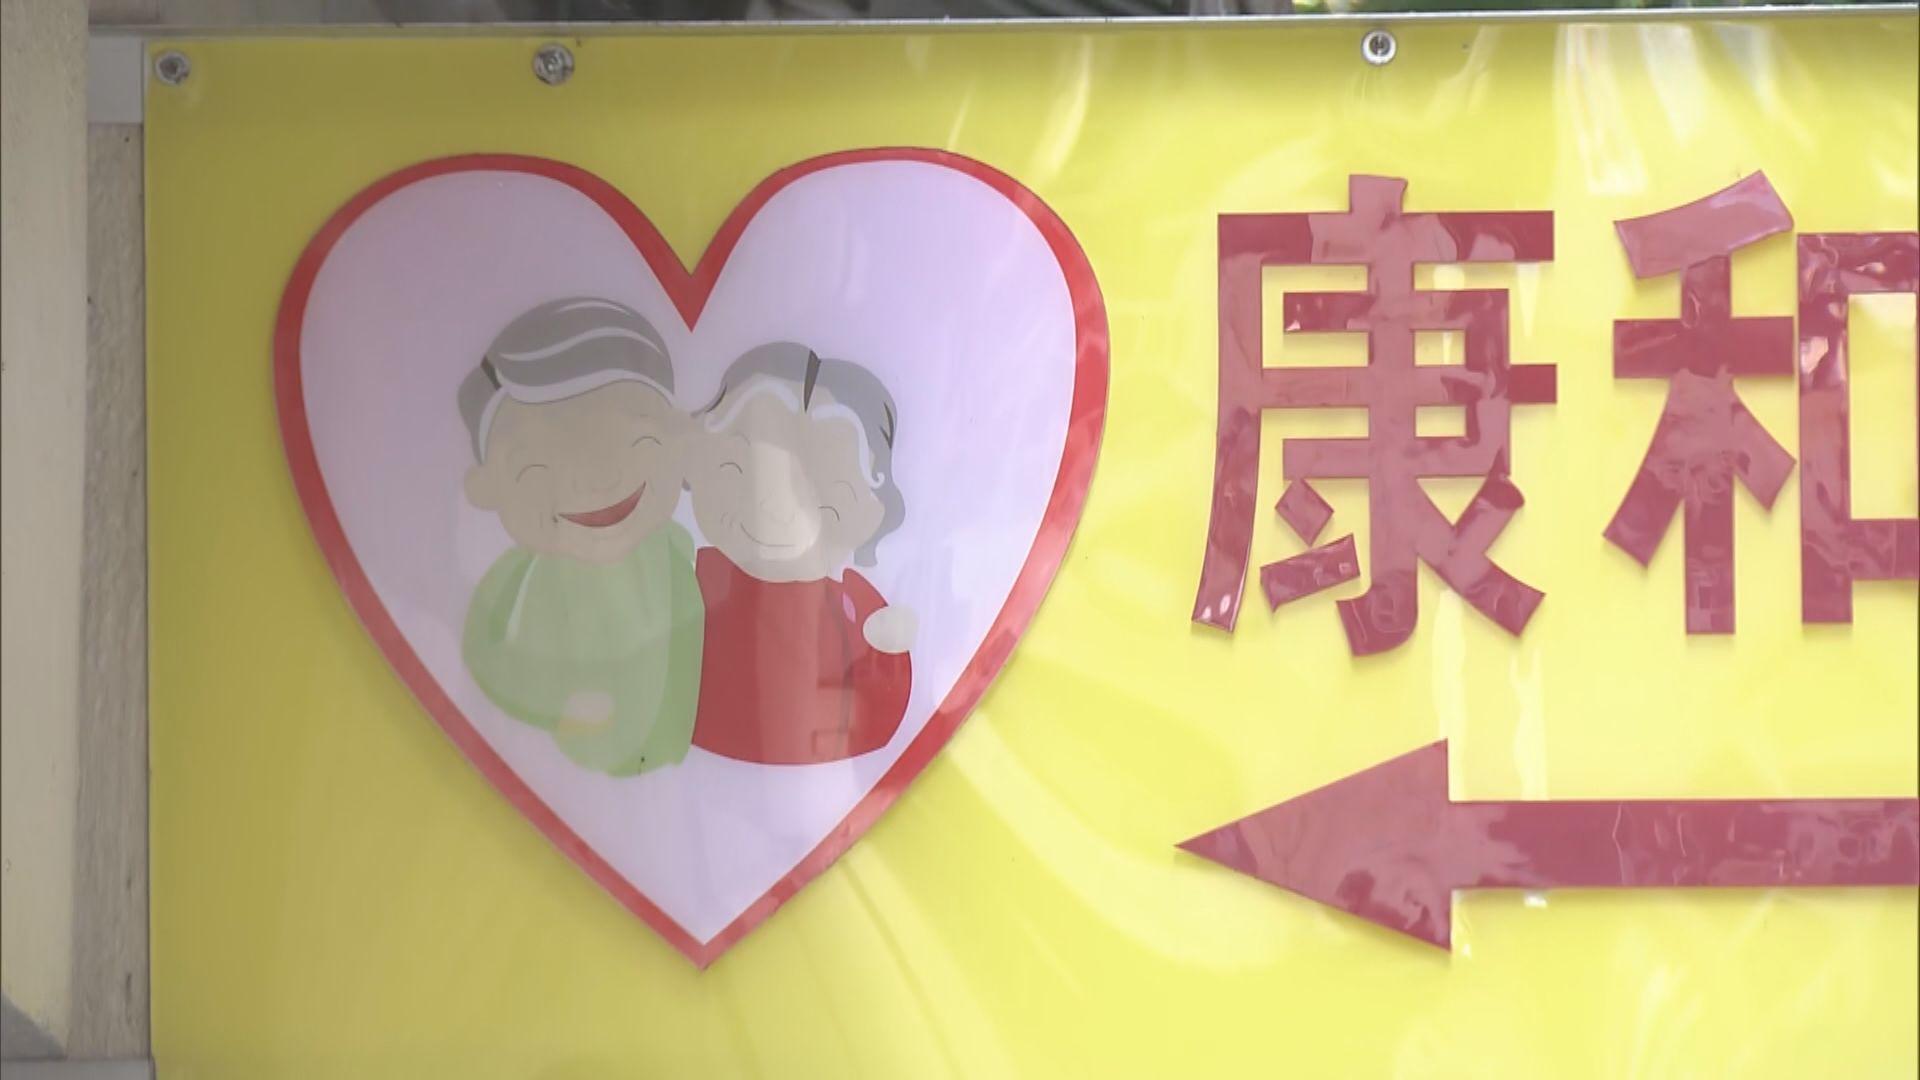 消息:屯門康和護老中心多三職員七院友初步確診